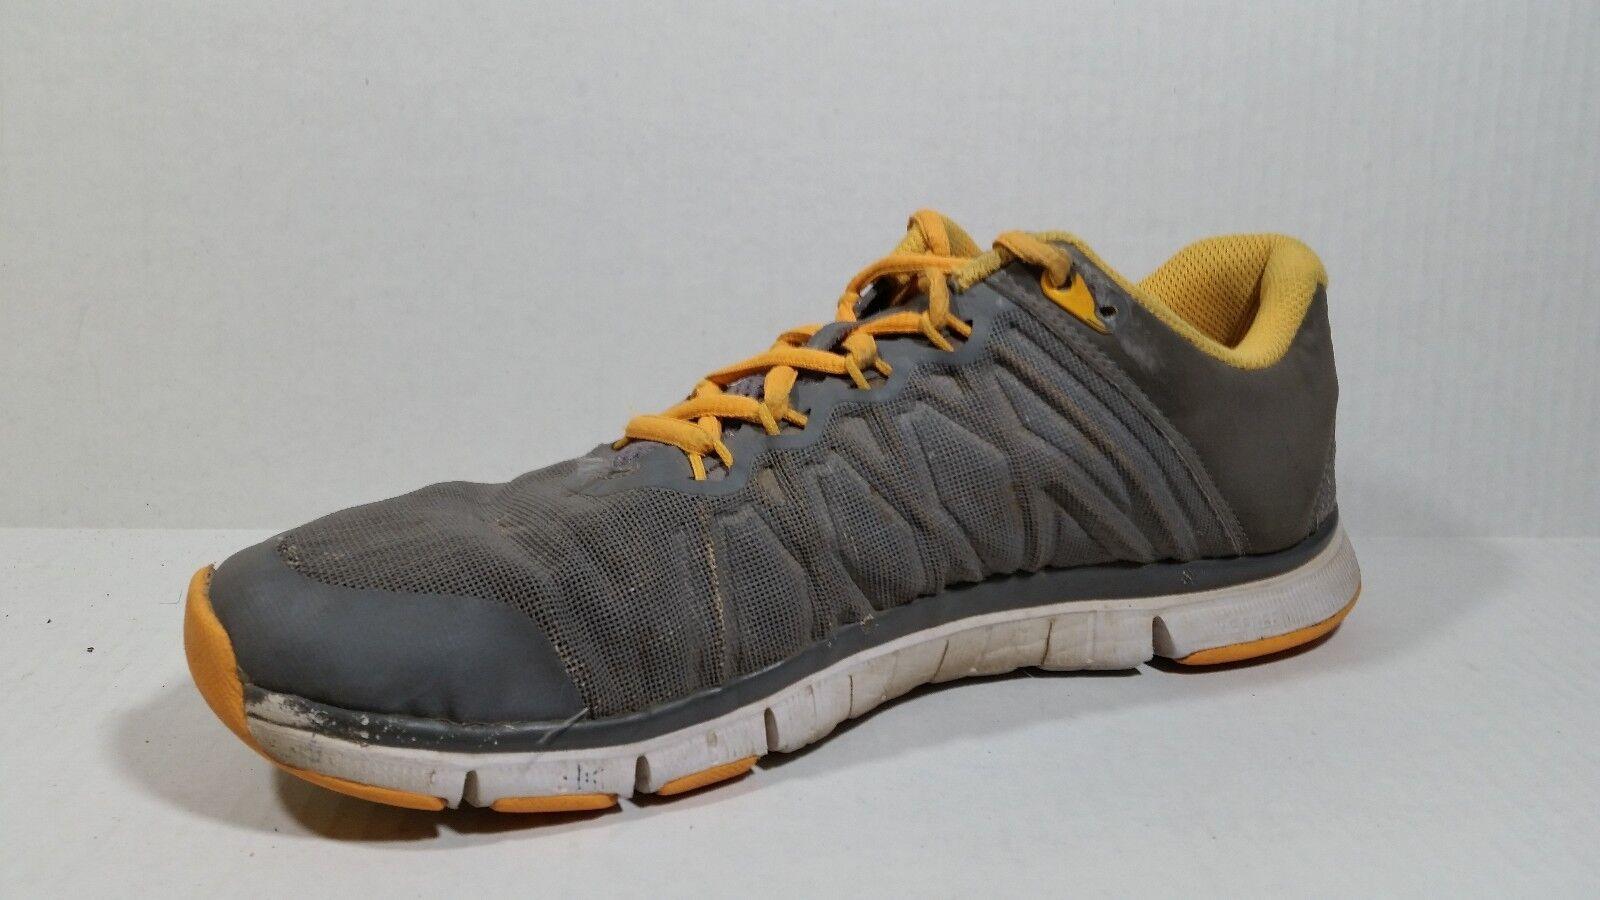 nike libera formatori 3,0 mens corsa, 8 med scarpe da corsa, mens scarpe da ginnastica 630856-008 grigio arancio d32105